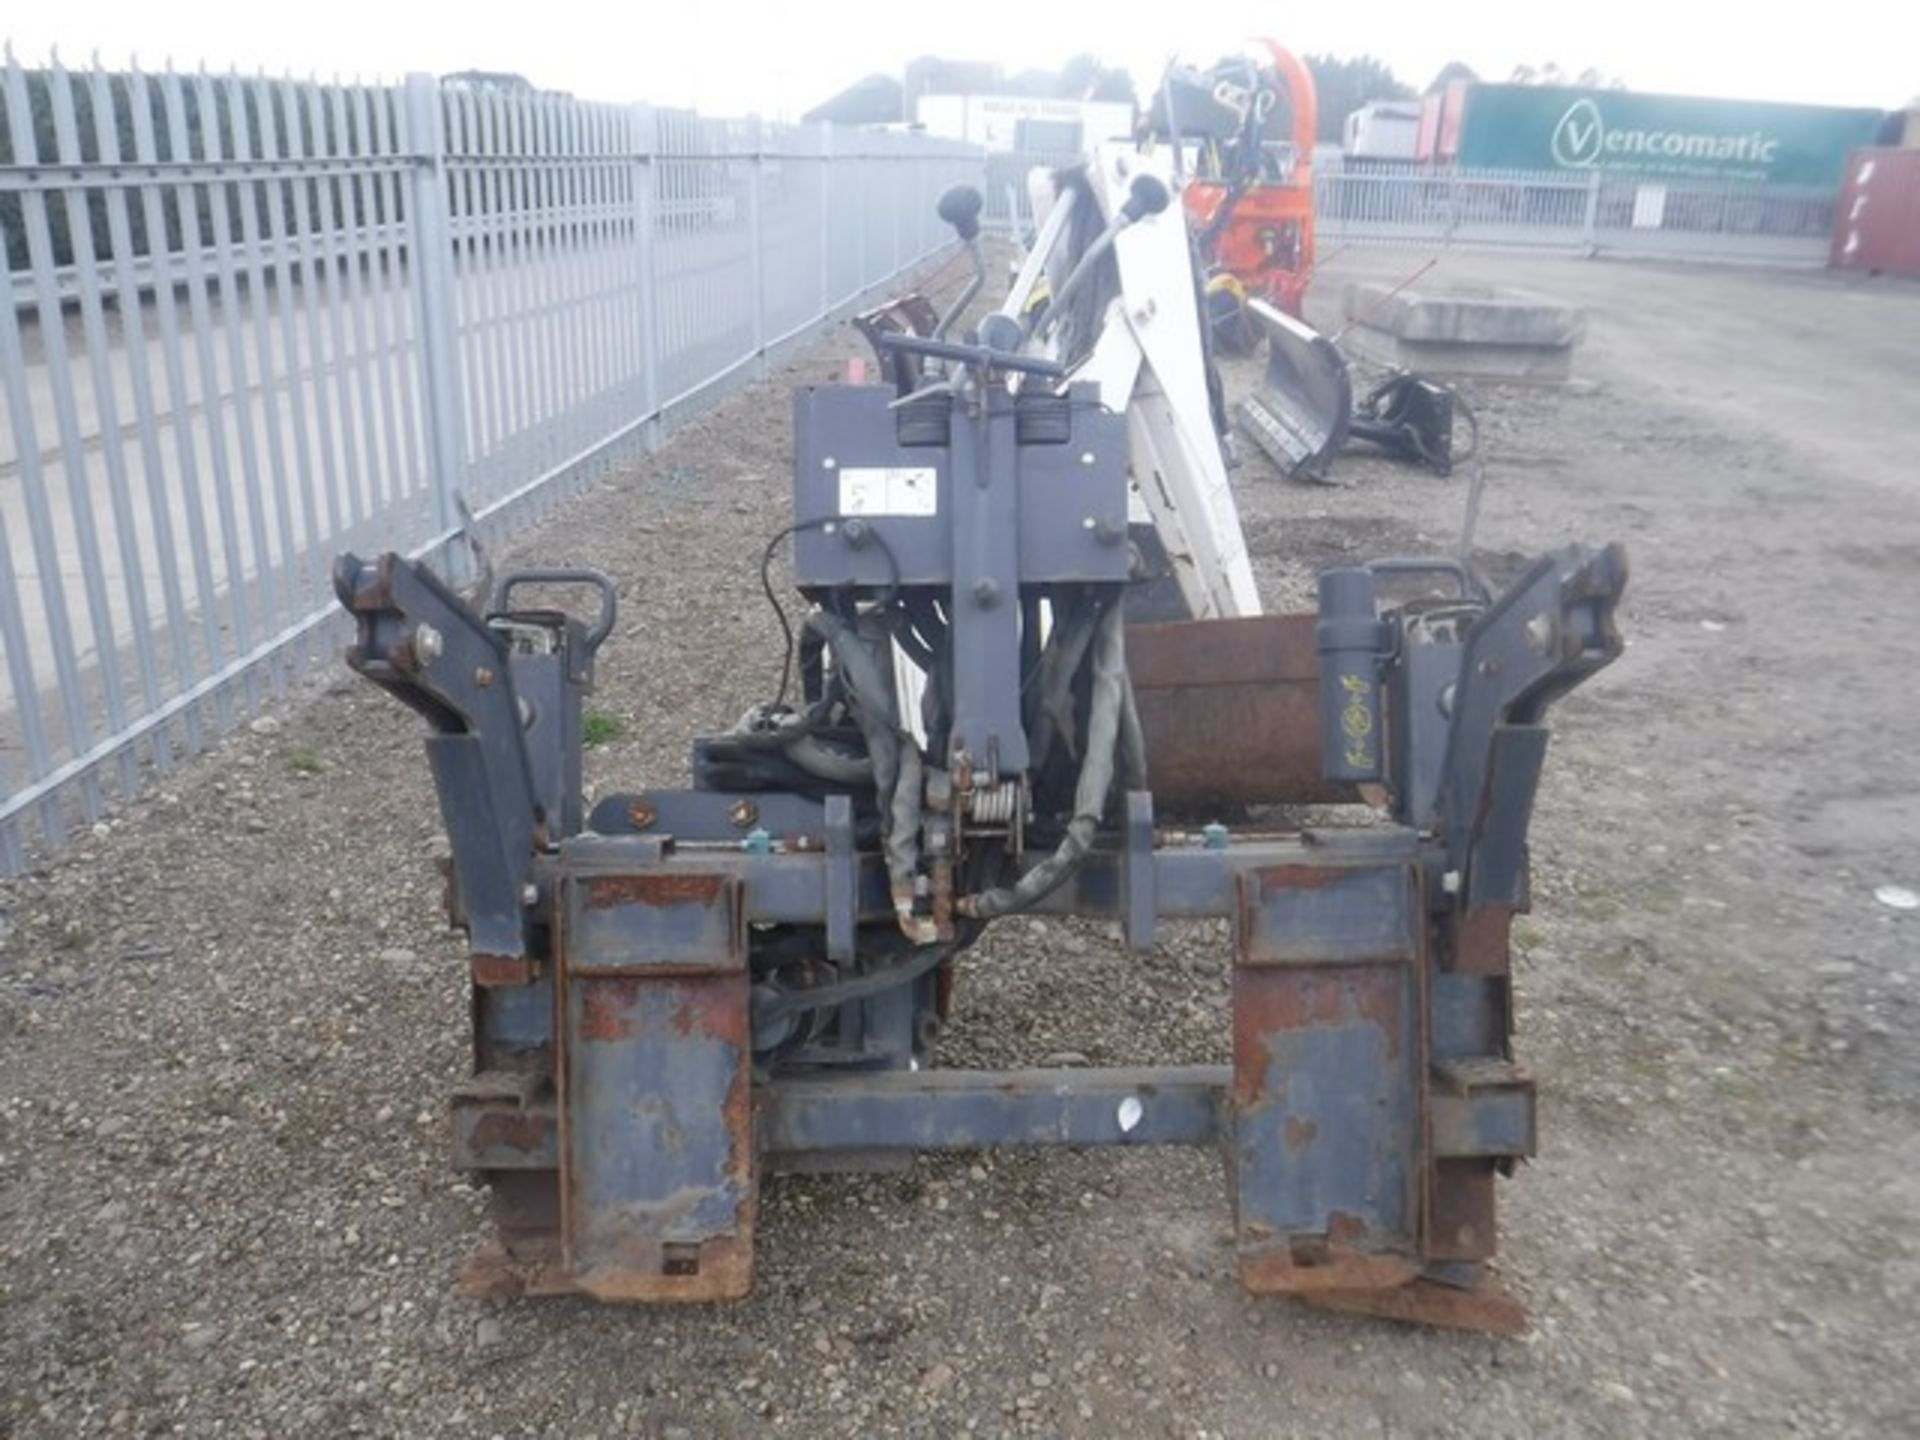 Auktionslos 860 - BOBCAT 84 R305 BACKHOE S/N A2HH02093